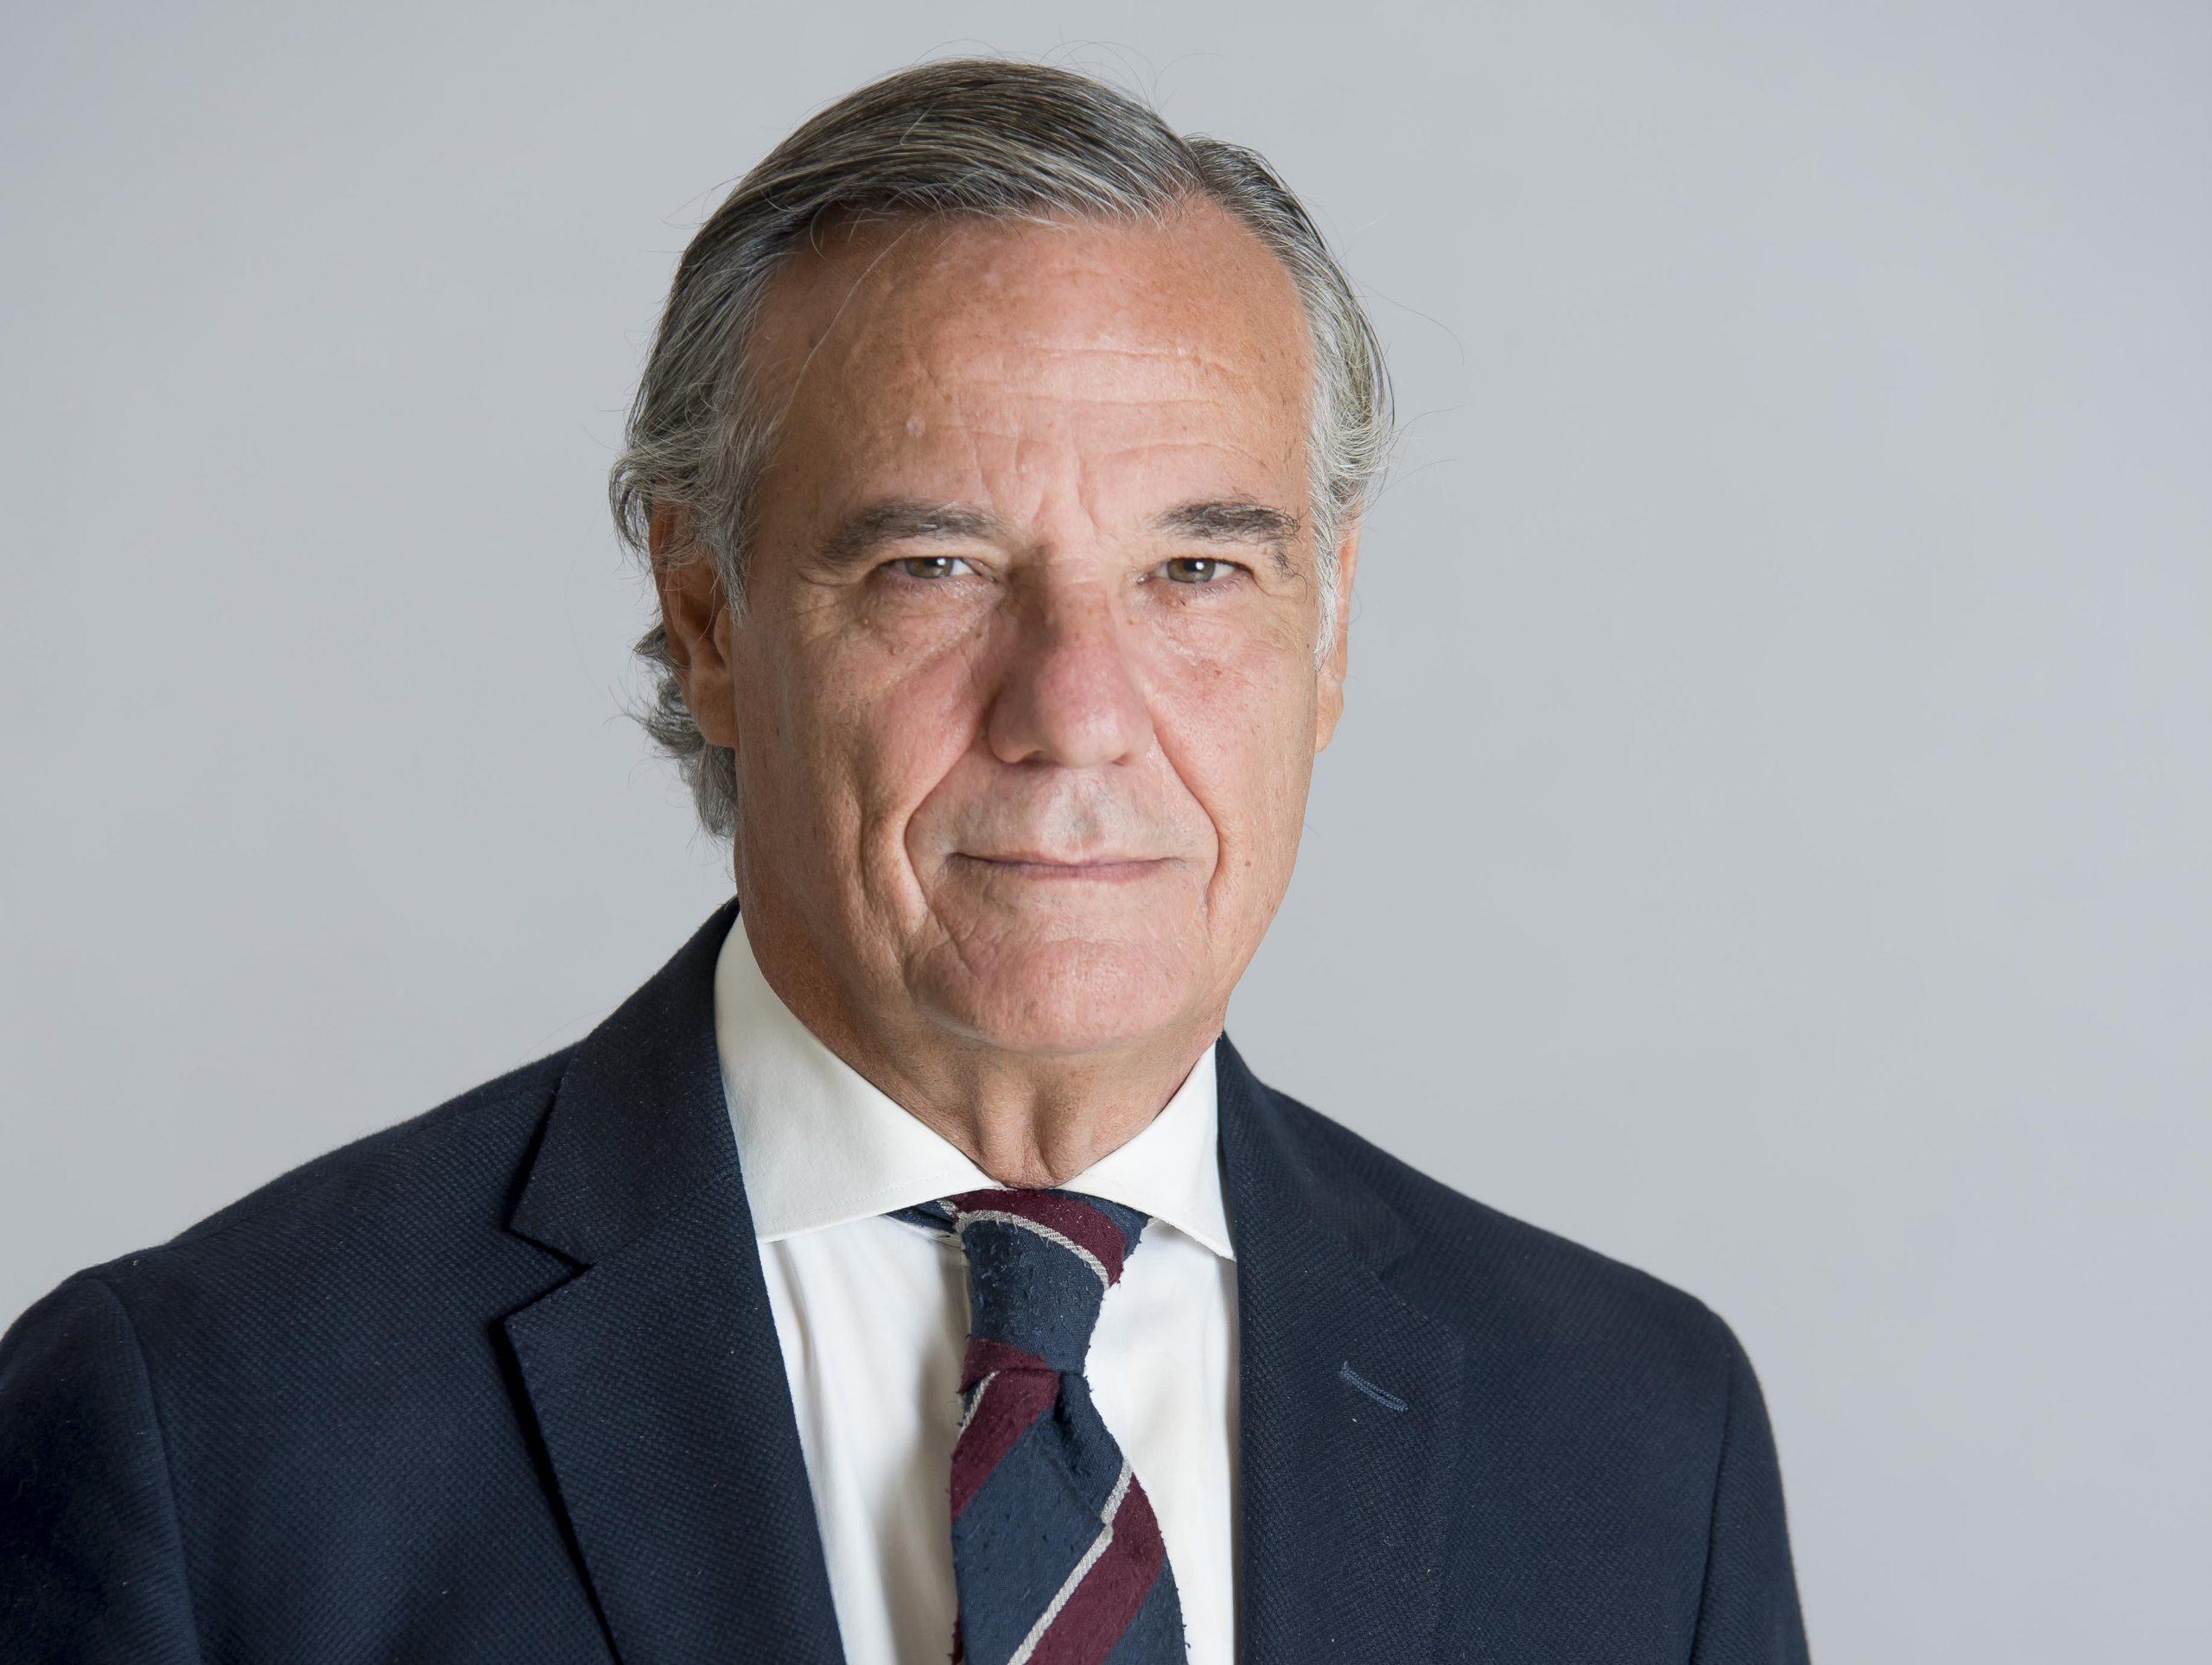 Herbert Smith Freehills ficha a Claudio Ramos, ex director general de la asesoría jurídica de Mapfre.